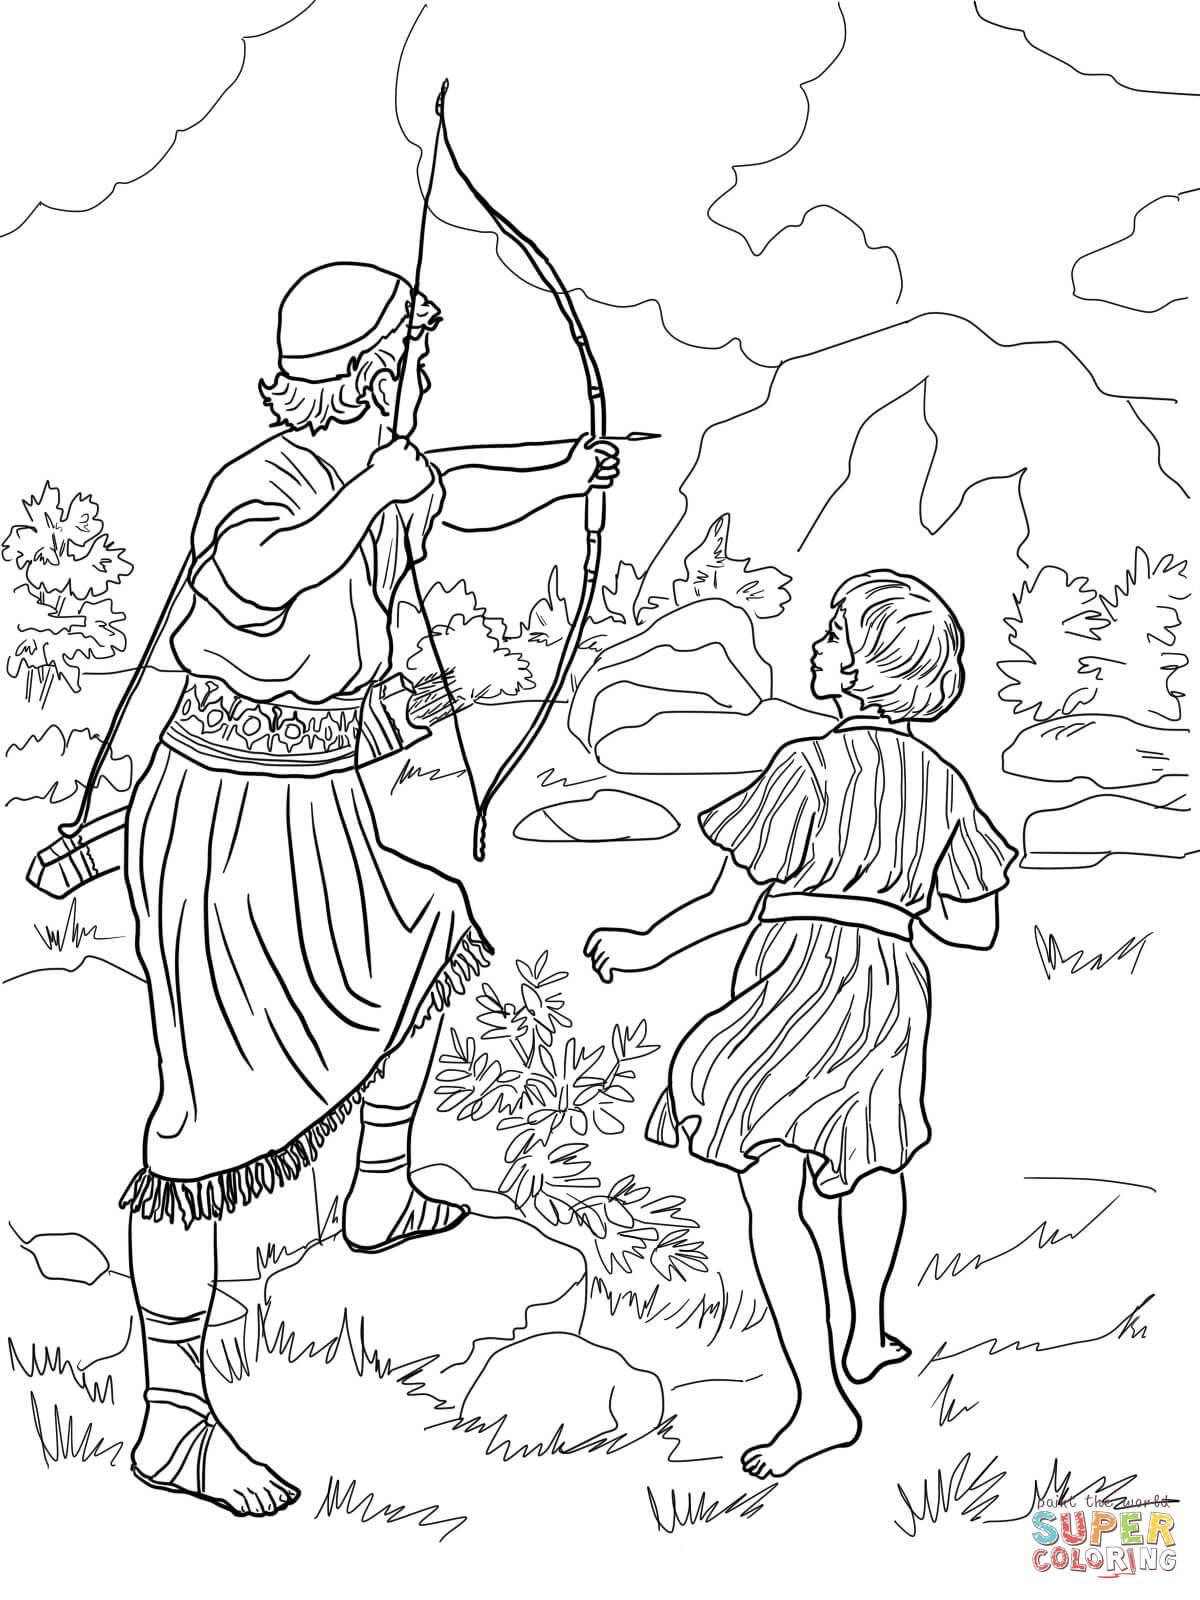 Click the jonathan warns david coloring pages